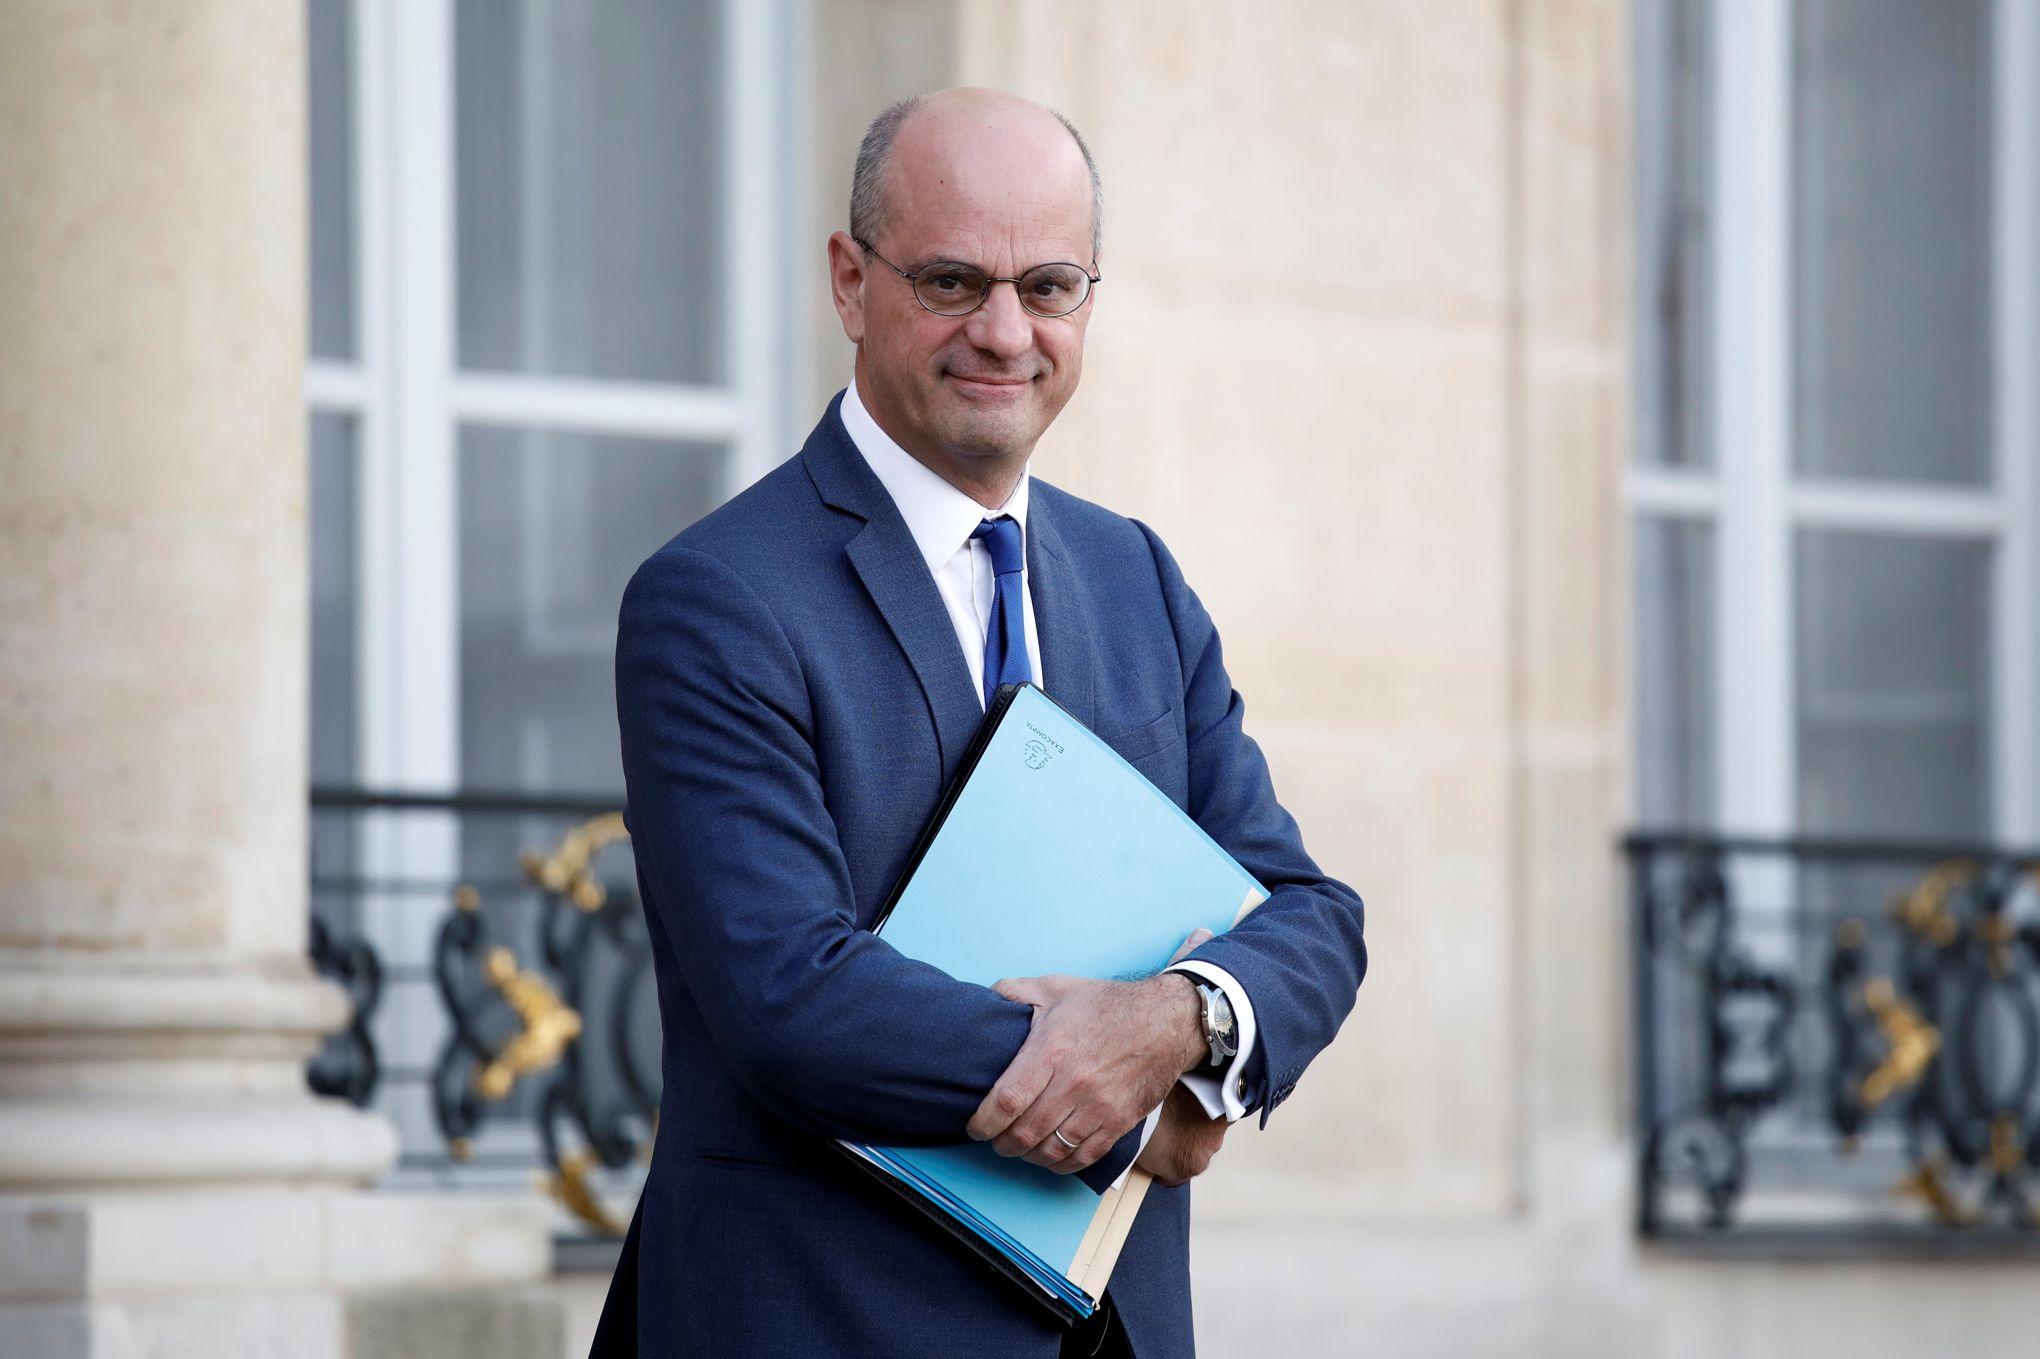 Jean-Michel Blanquer, la construction politique d'une ambition